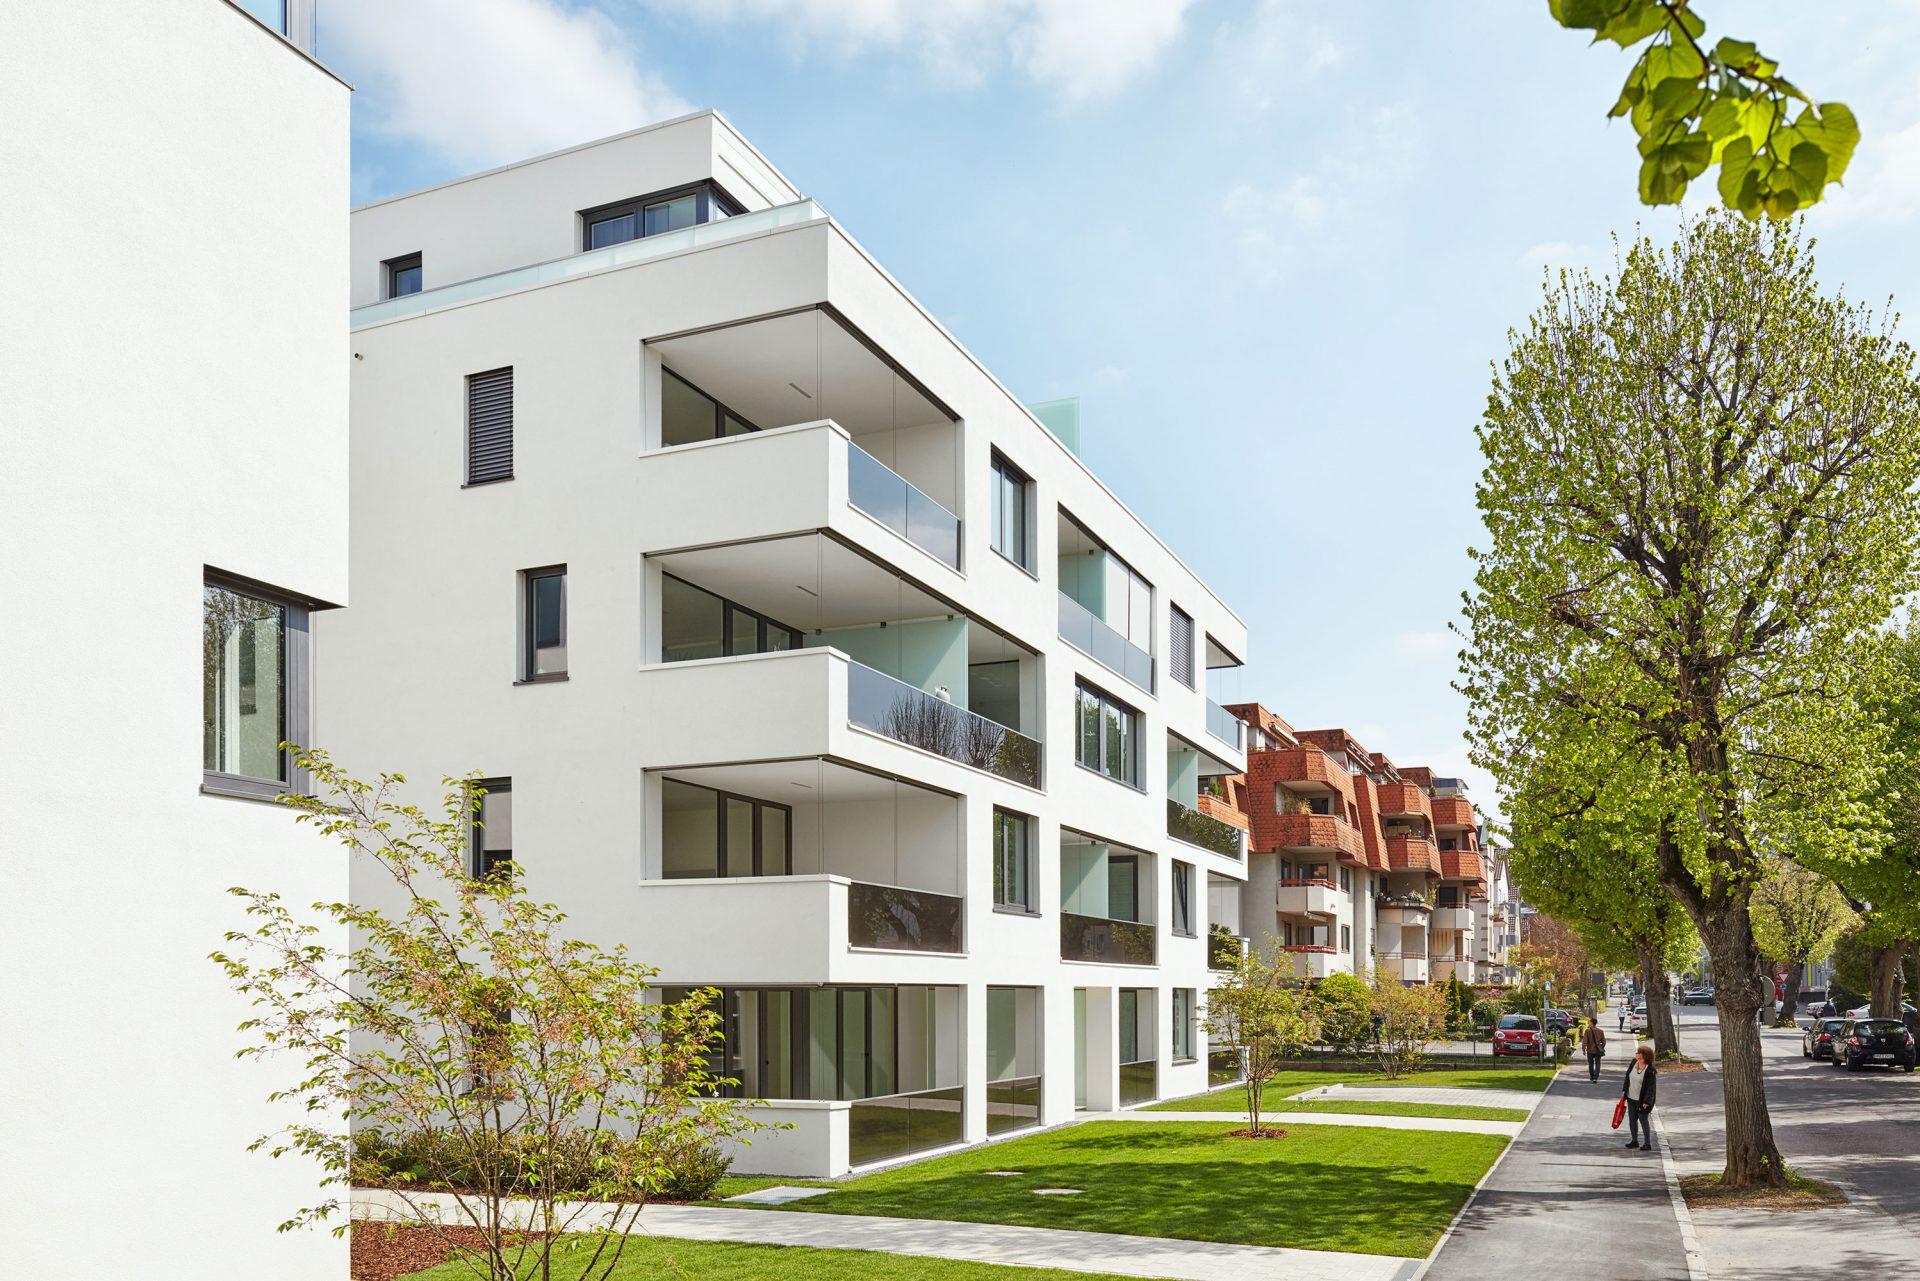 Wohnen am Lerchenhof Heilbronn